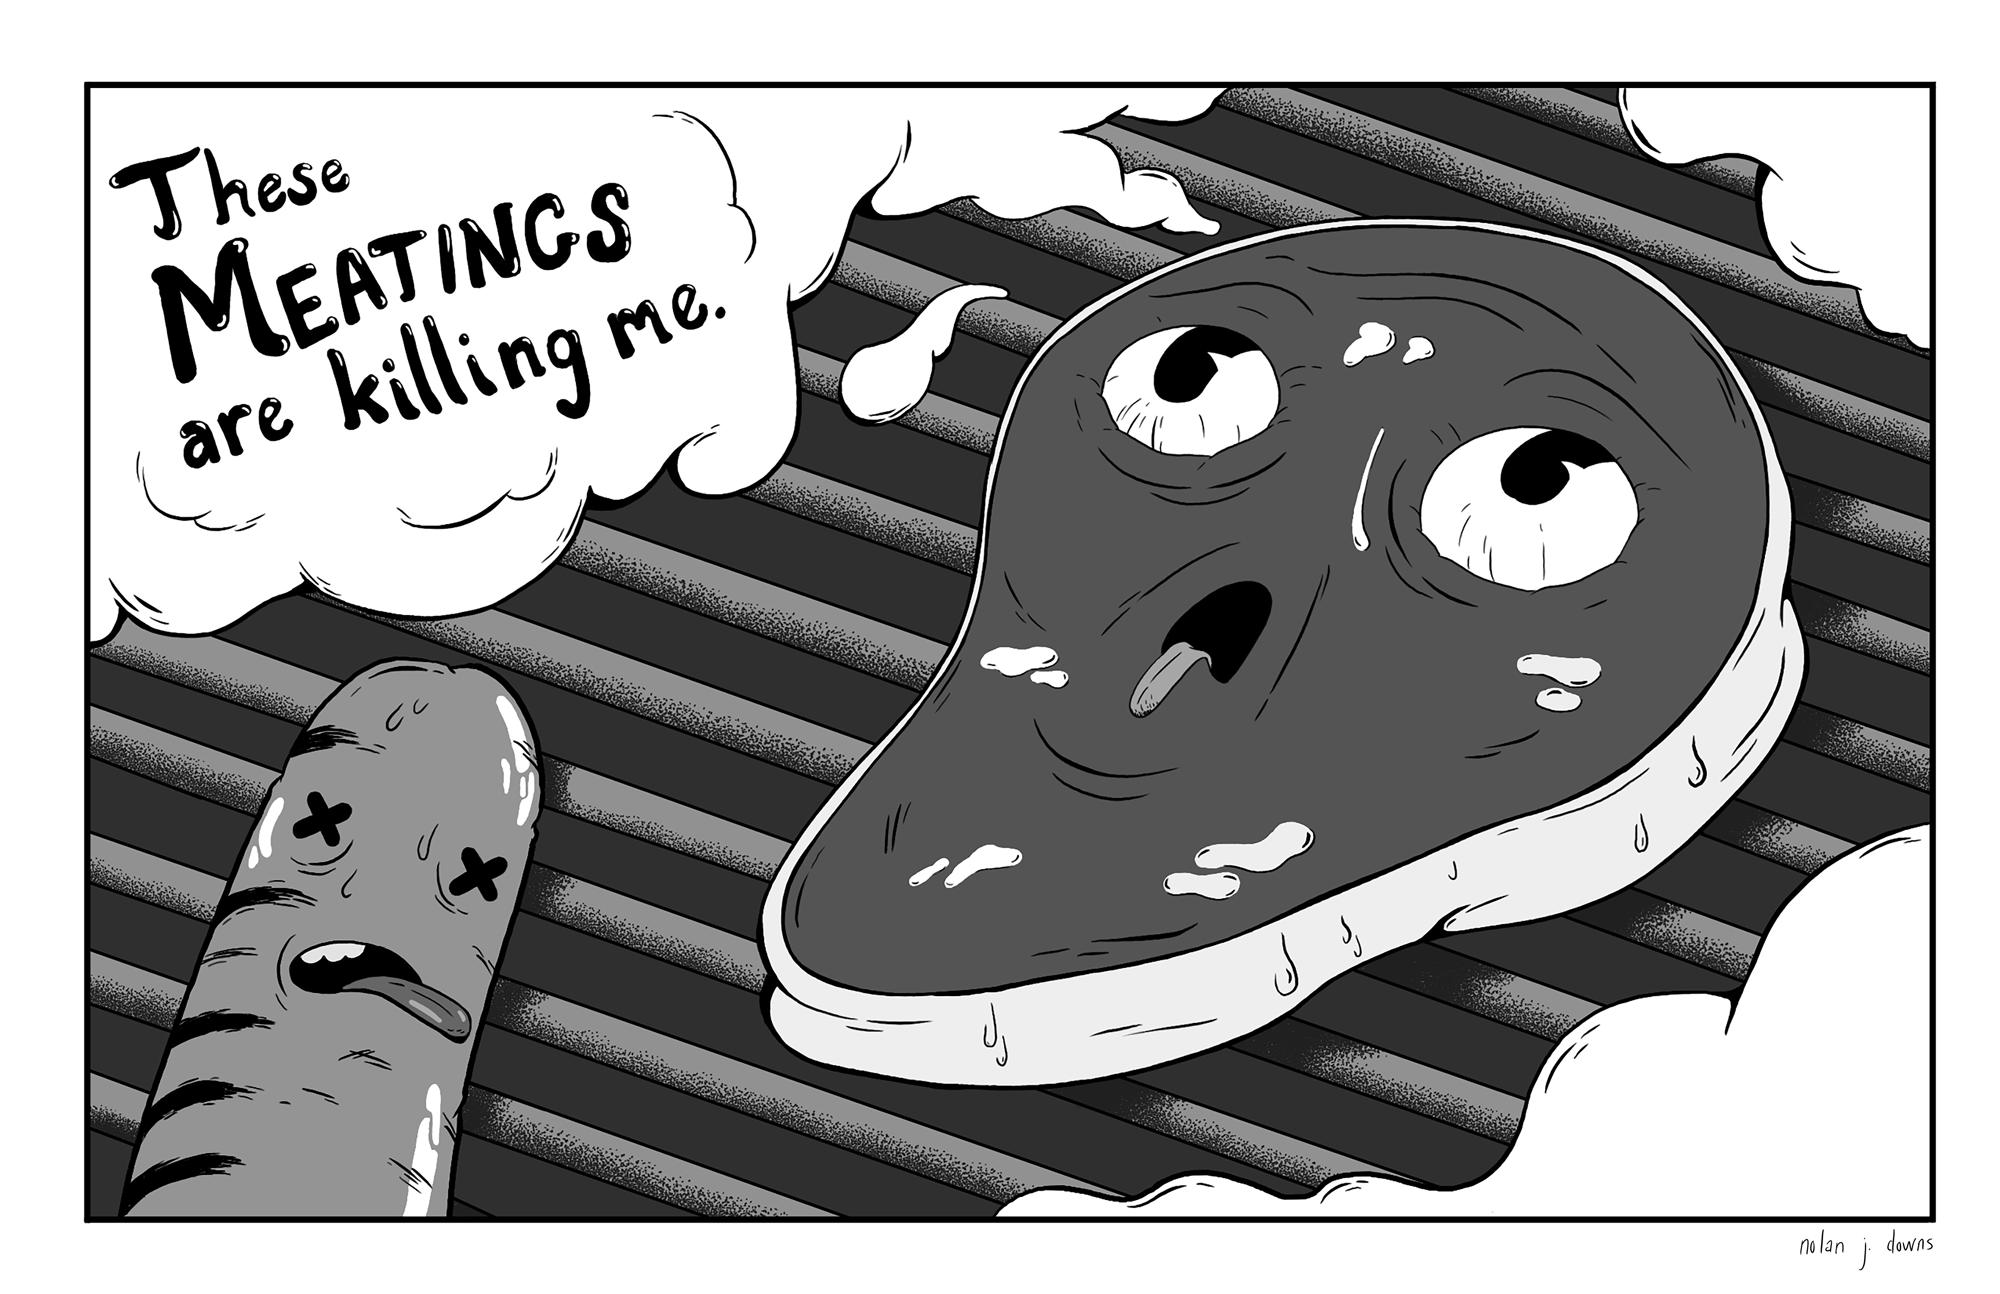 Meatings_01.png